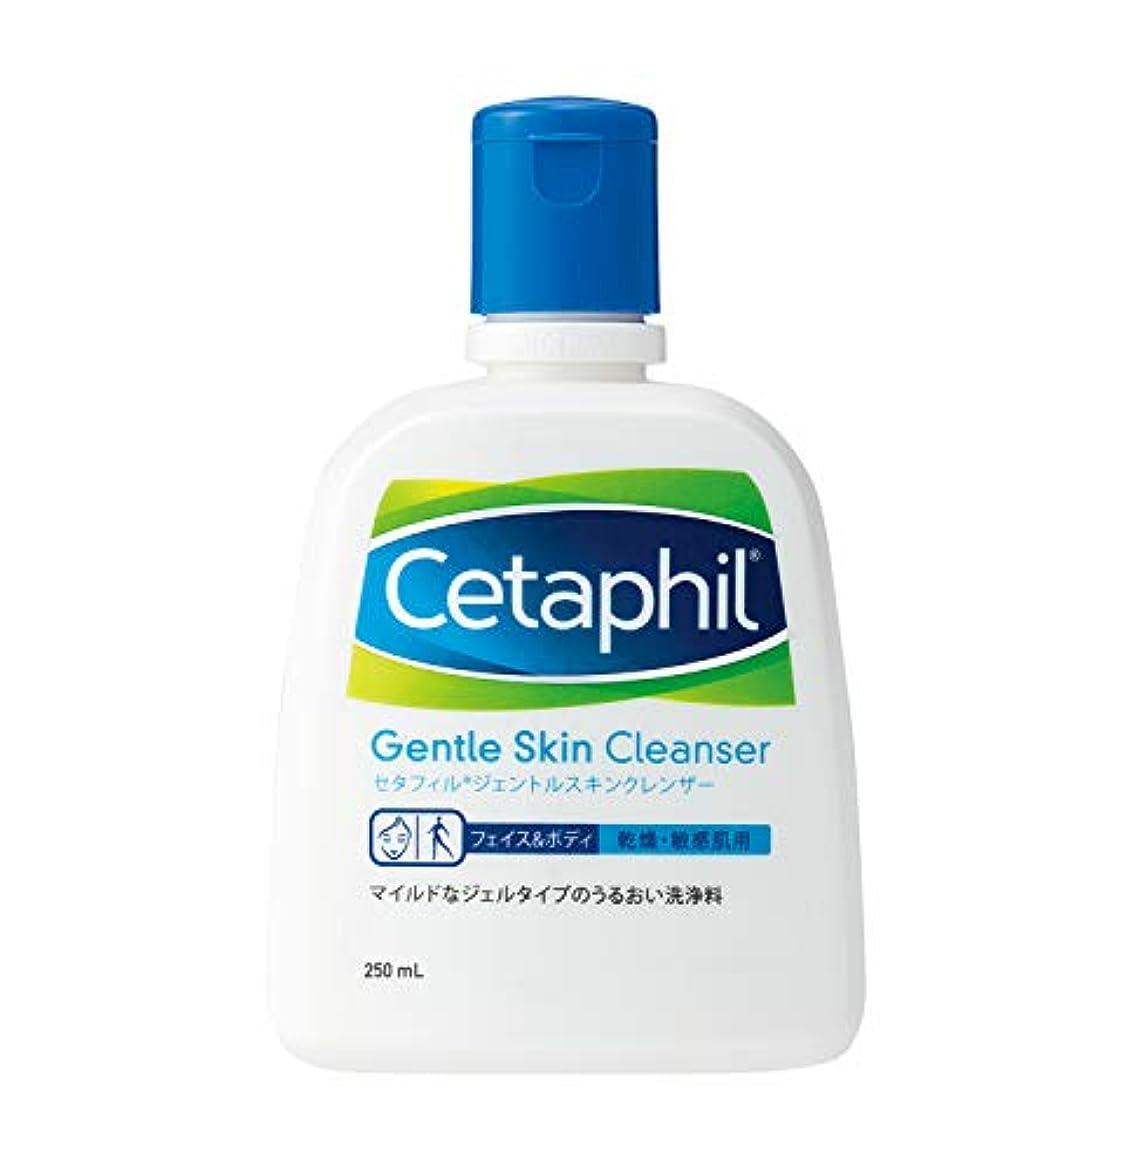 ベース羽ローブセタフィル Cetaphil ® ジェントルスキンクレンザー 250ml (フェイス & ボディ 洗浄料 クレンザー)